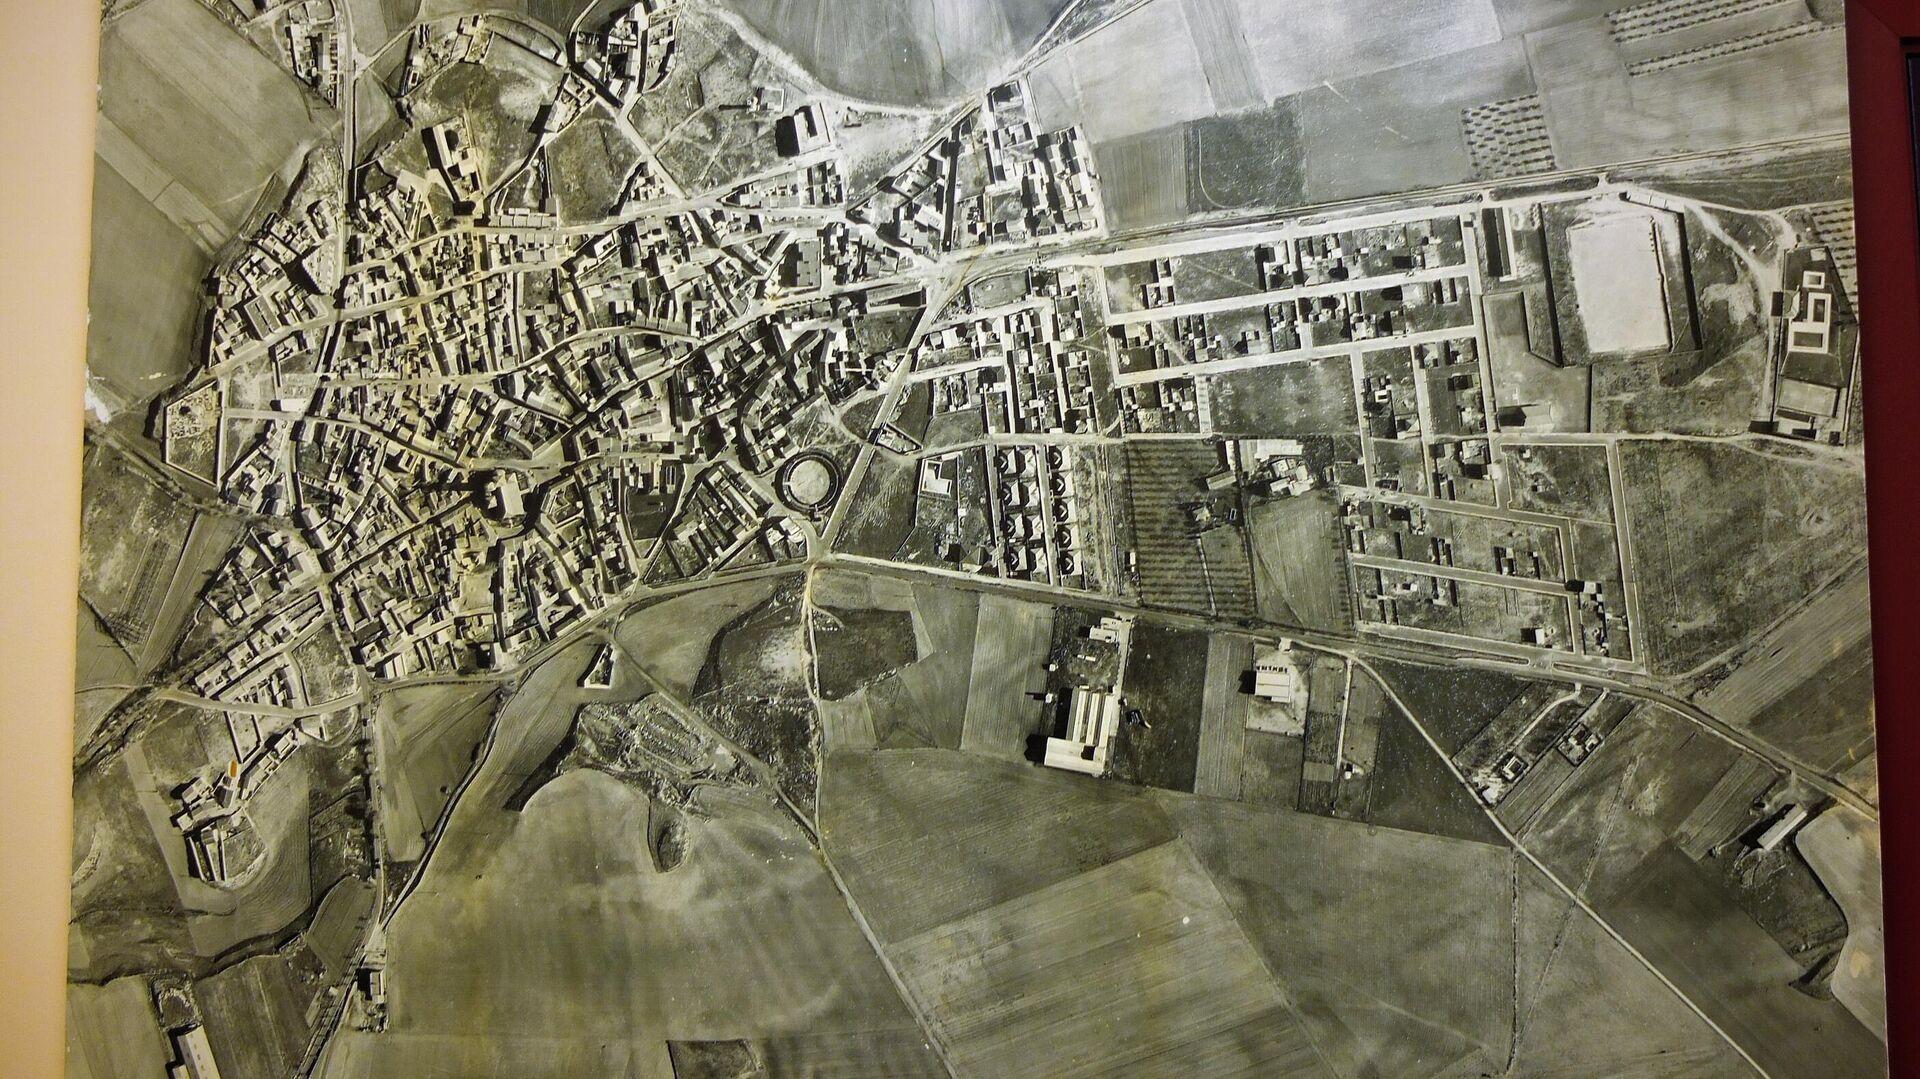 Foto aérea de Torres de la Alameda (Madrid), localidad donde se pretenden instalar las placas solares - Sputnik Mundo, 1920, 09.06.2021